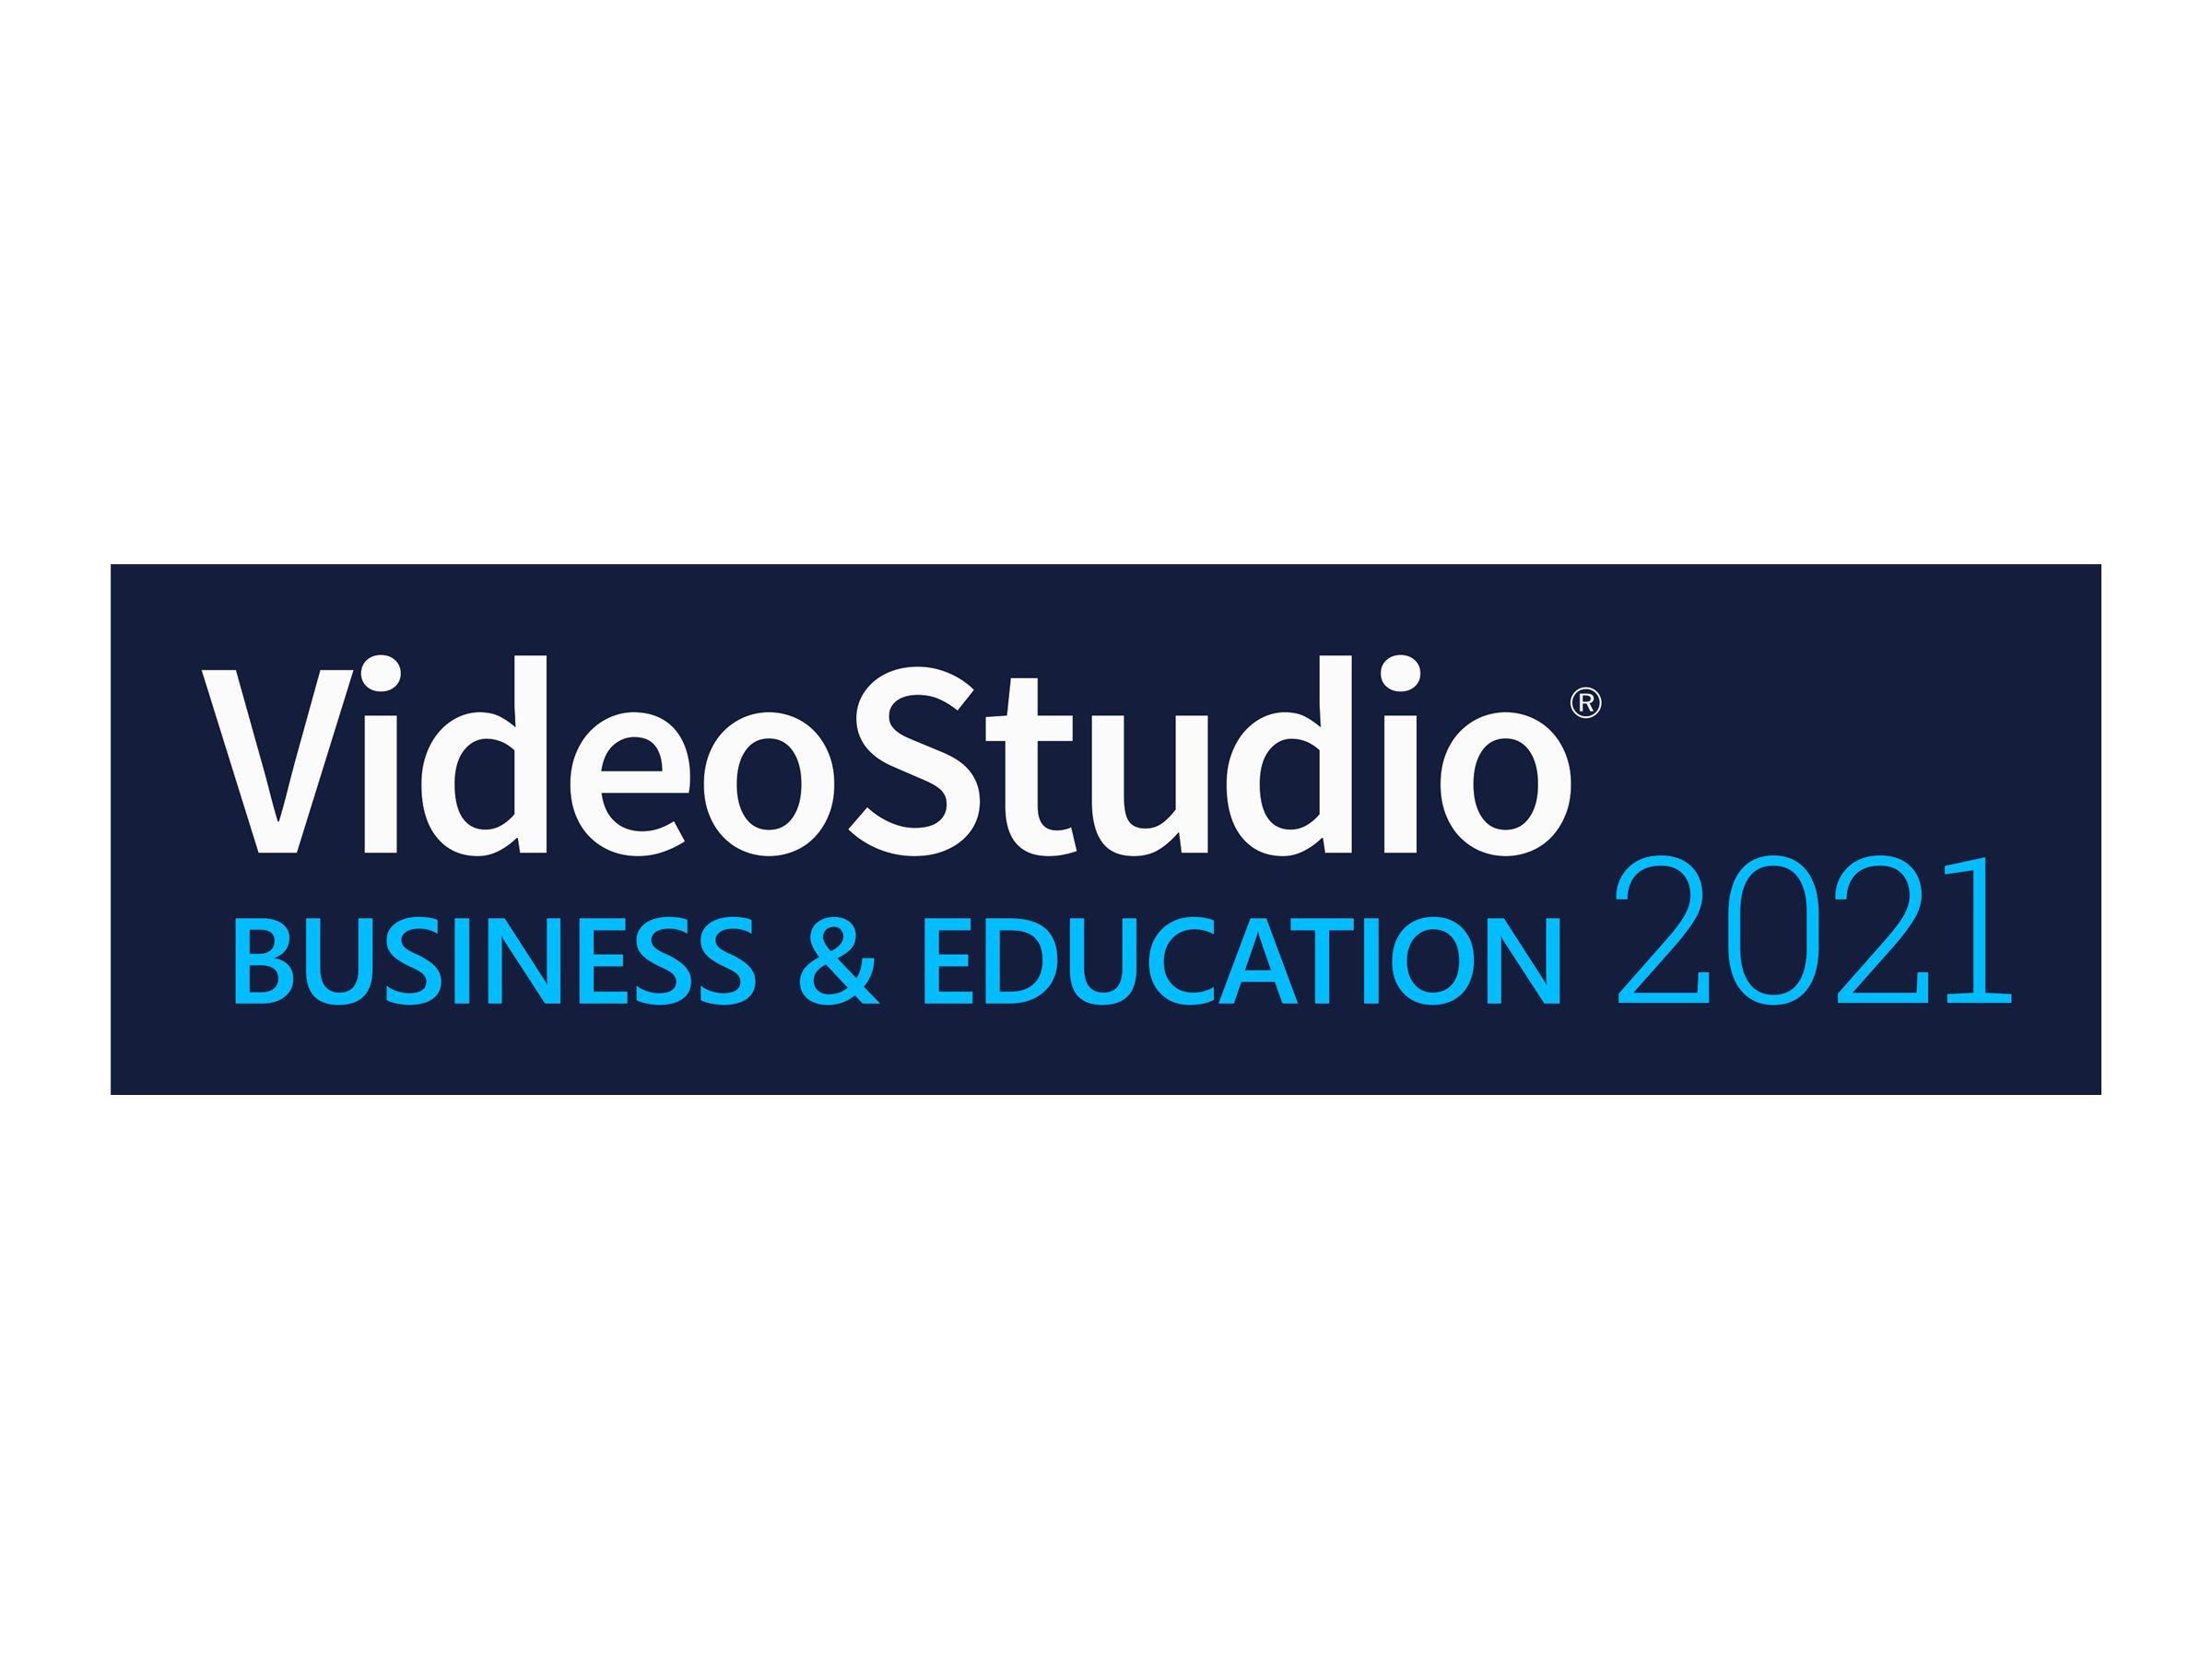 Corel VideoStudio Business & Education 2021 - Upgrade-Lizenz - 1 Benutzer - Volumen - 51-250 Lizenzen - Win